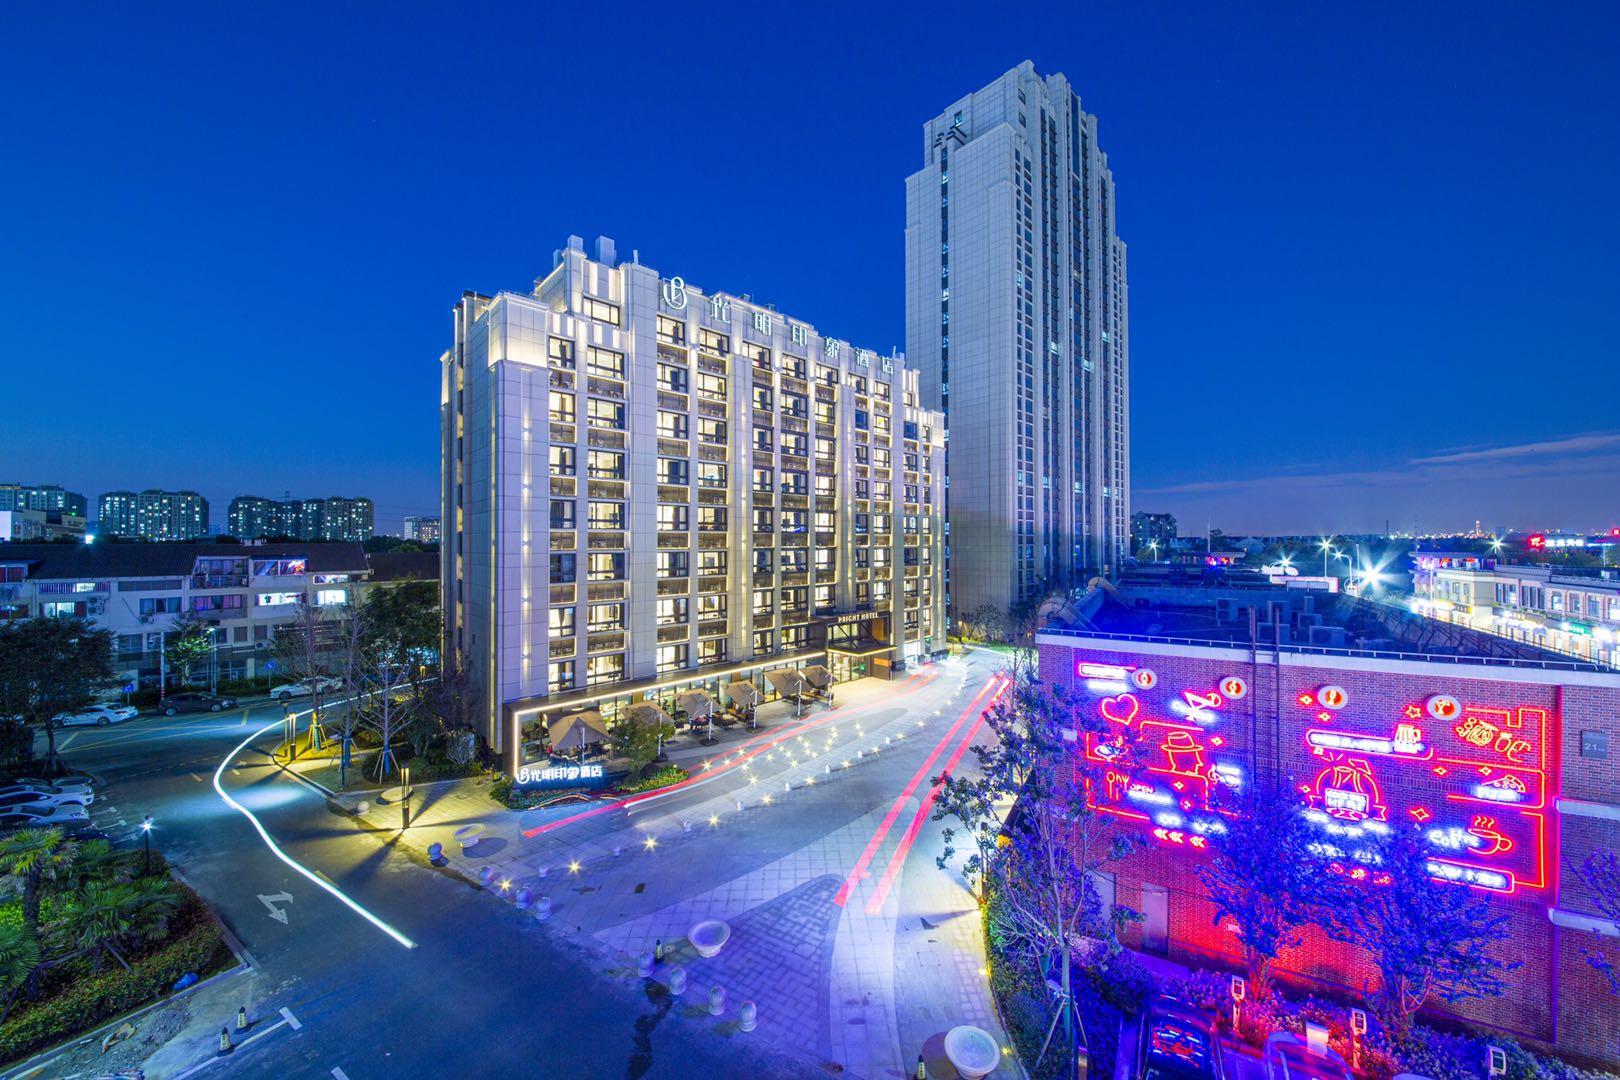 上海光明印象酒店丨复古轻奢,唤醒心底的光明印象